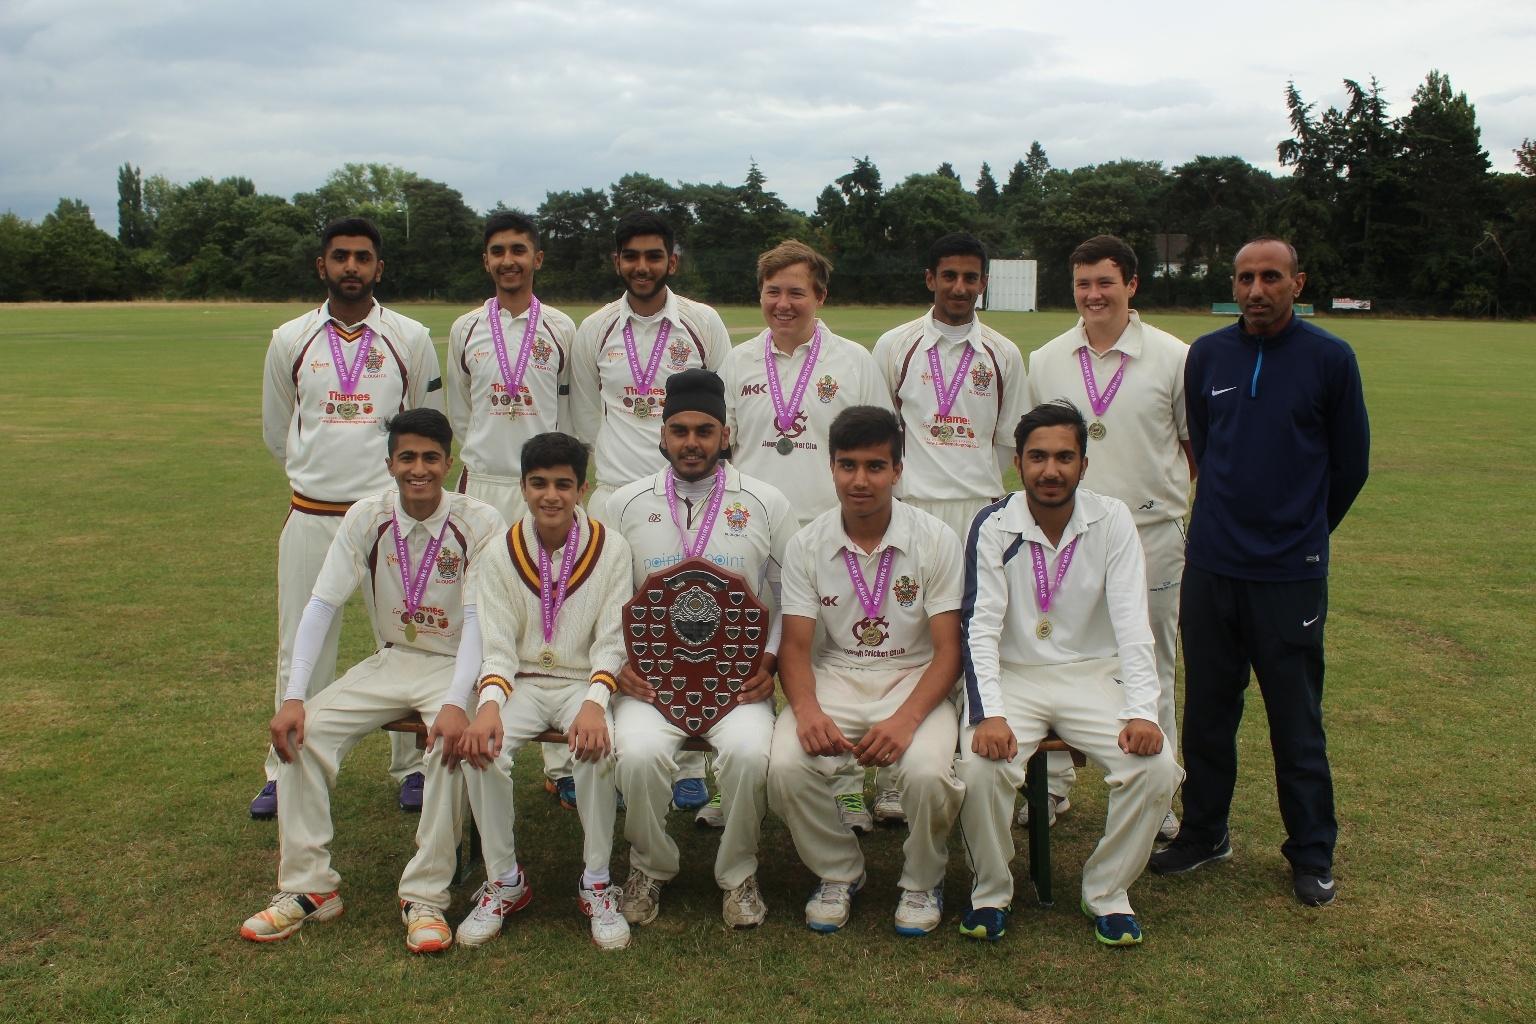 Slough Cricket Club